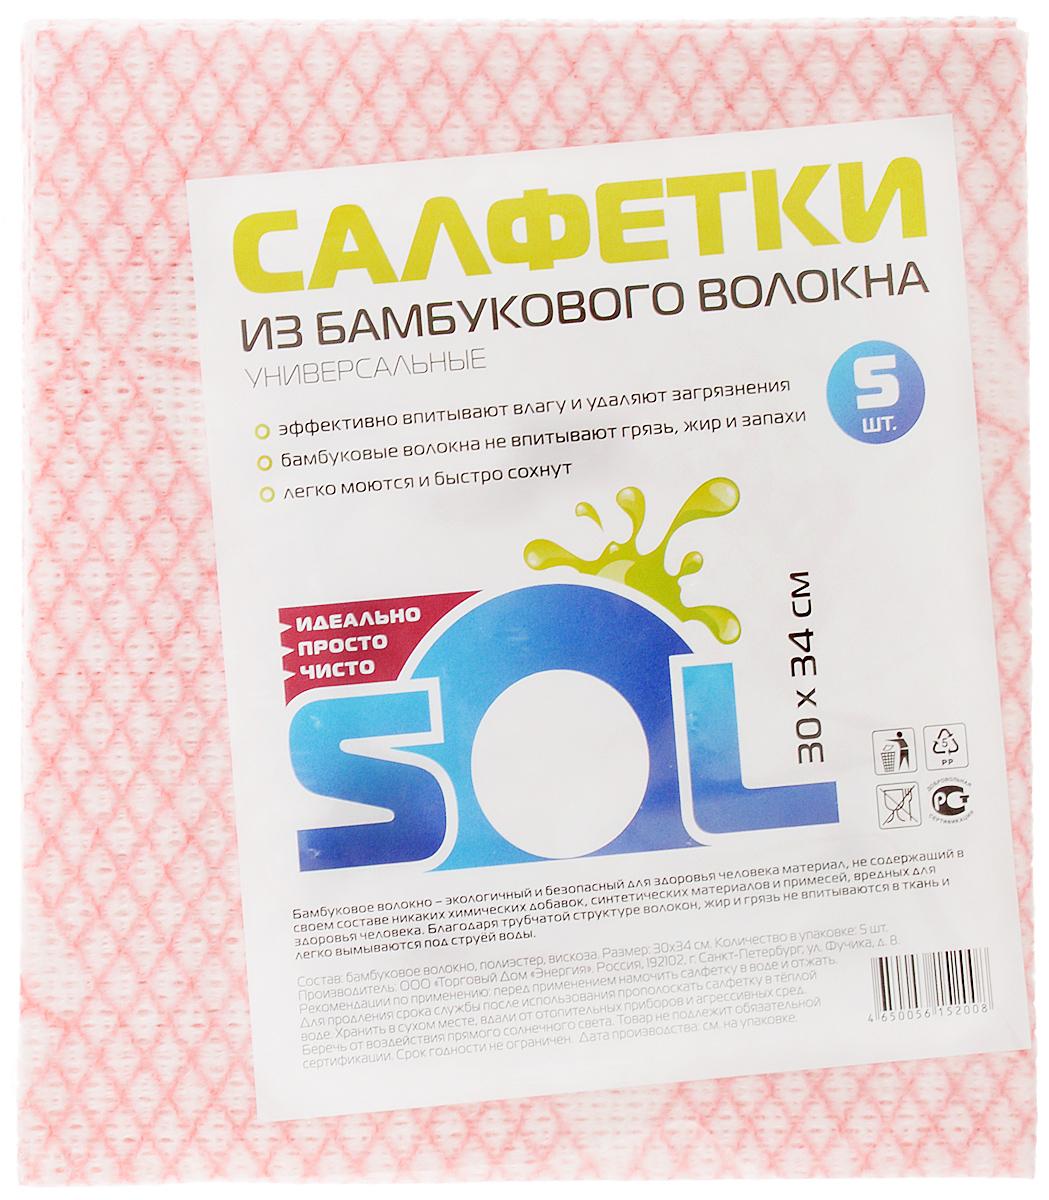 Салфетка для уборки Sol из бамбукового волокна, 30 x 34 см, 5 штVCA-00Салфетки Sol, выполненные из бамбукового волокна, вискозы и полиэстера, предназначены для уборки. бамбуковое волокно - экологичный и безопасный для здоровья человека материал, не содержащий в своем составе никаких химический добавок, синтетических материалов и примесей. Благодаря трубчатой структуре волокон, жир и грязь не впитываются в тканьлегко вымываются обычной водой.Рекомендации по уходу:Бамбуковые салфетки не требуют особого ухода. После каждого использования их рекомендуется промыть под струей воды и просушить. Периодически рекомендуется простирывать салфетки мылом. Не следует стирать их с порошками, а также специальными очистителями или бытовыми моющими средствами. Кроме того не рекомендуется сушить салфетки на батарее.